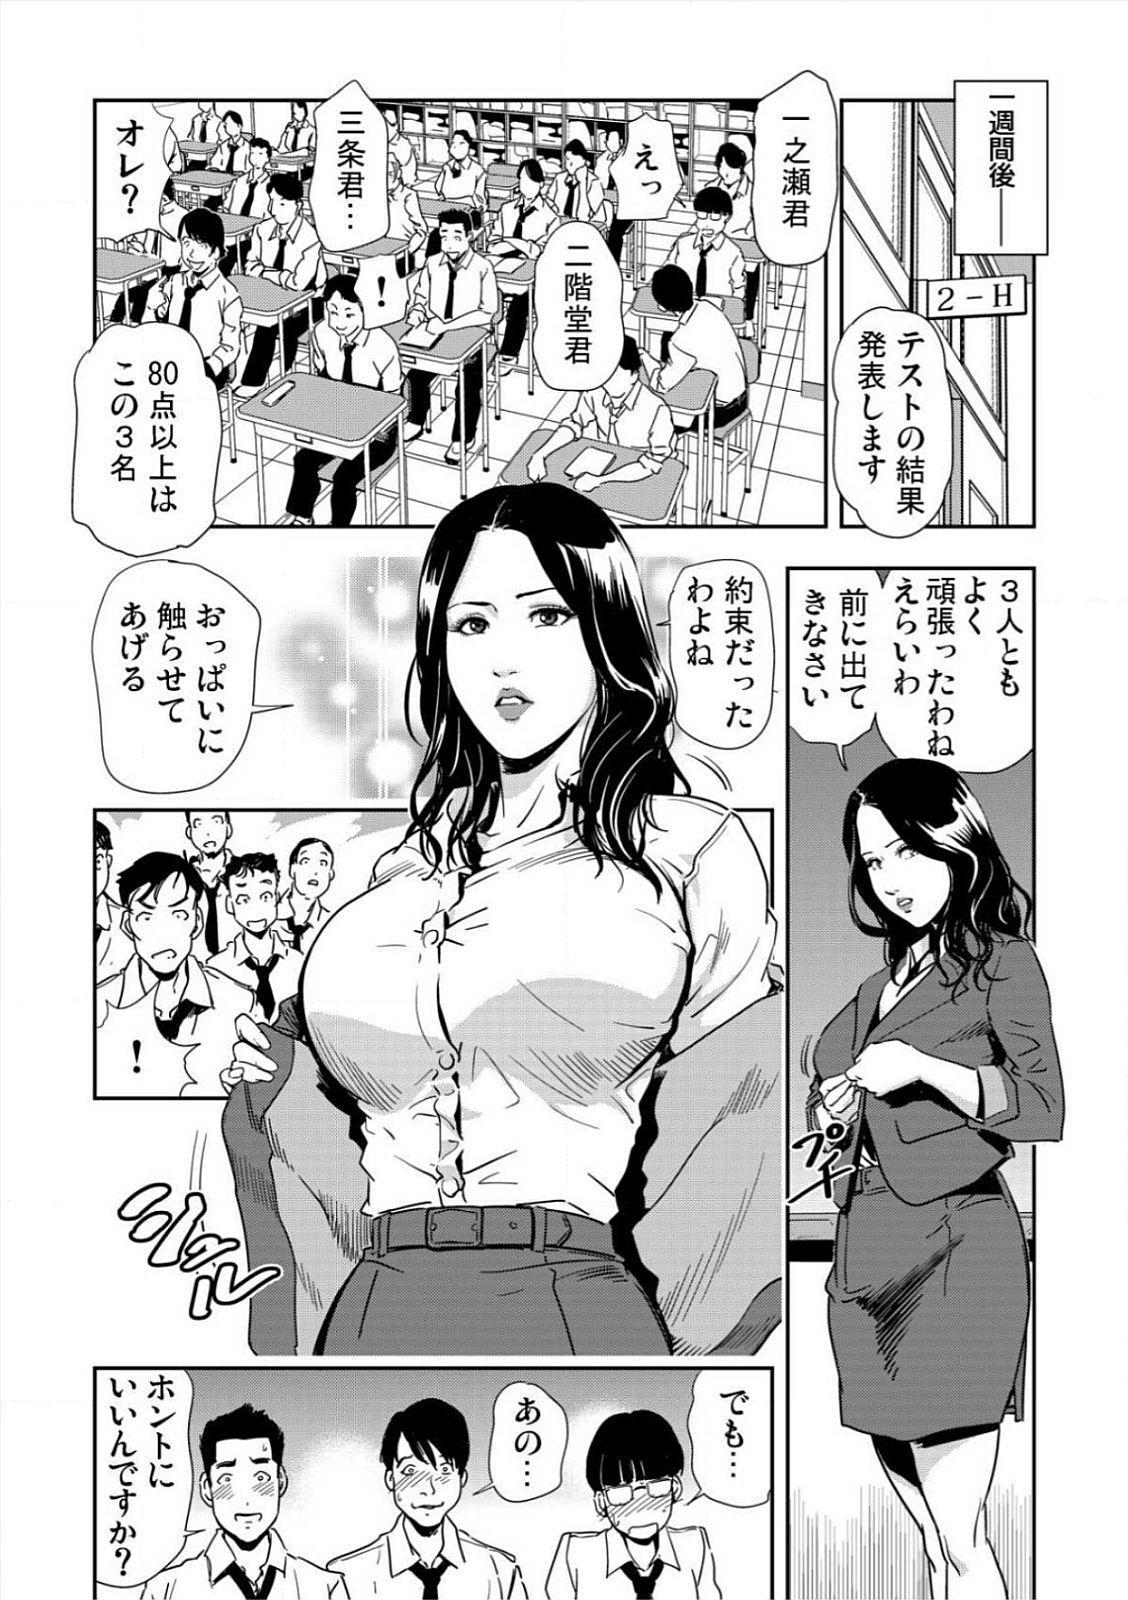 [Misaki Yukihiro] Kyousei Shidou ~Mechakucha ni Kegasarete~ (1)~(6) [Digital] 111